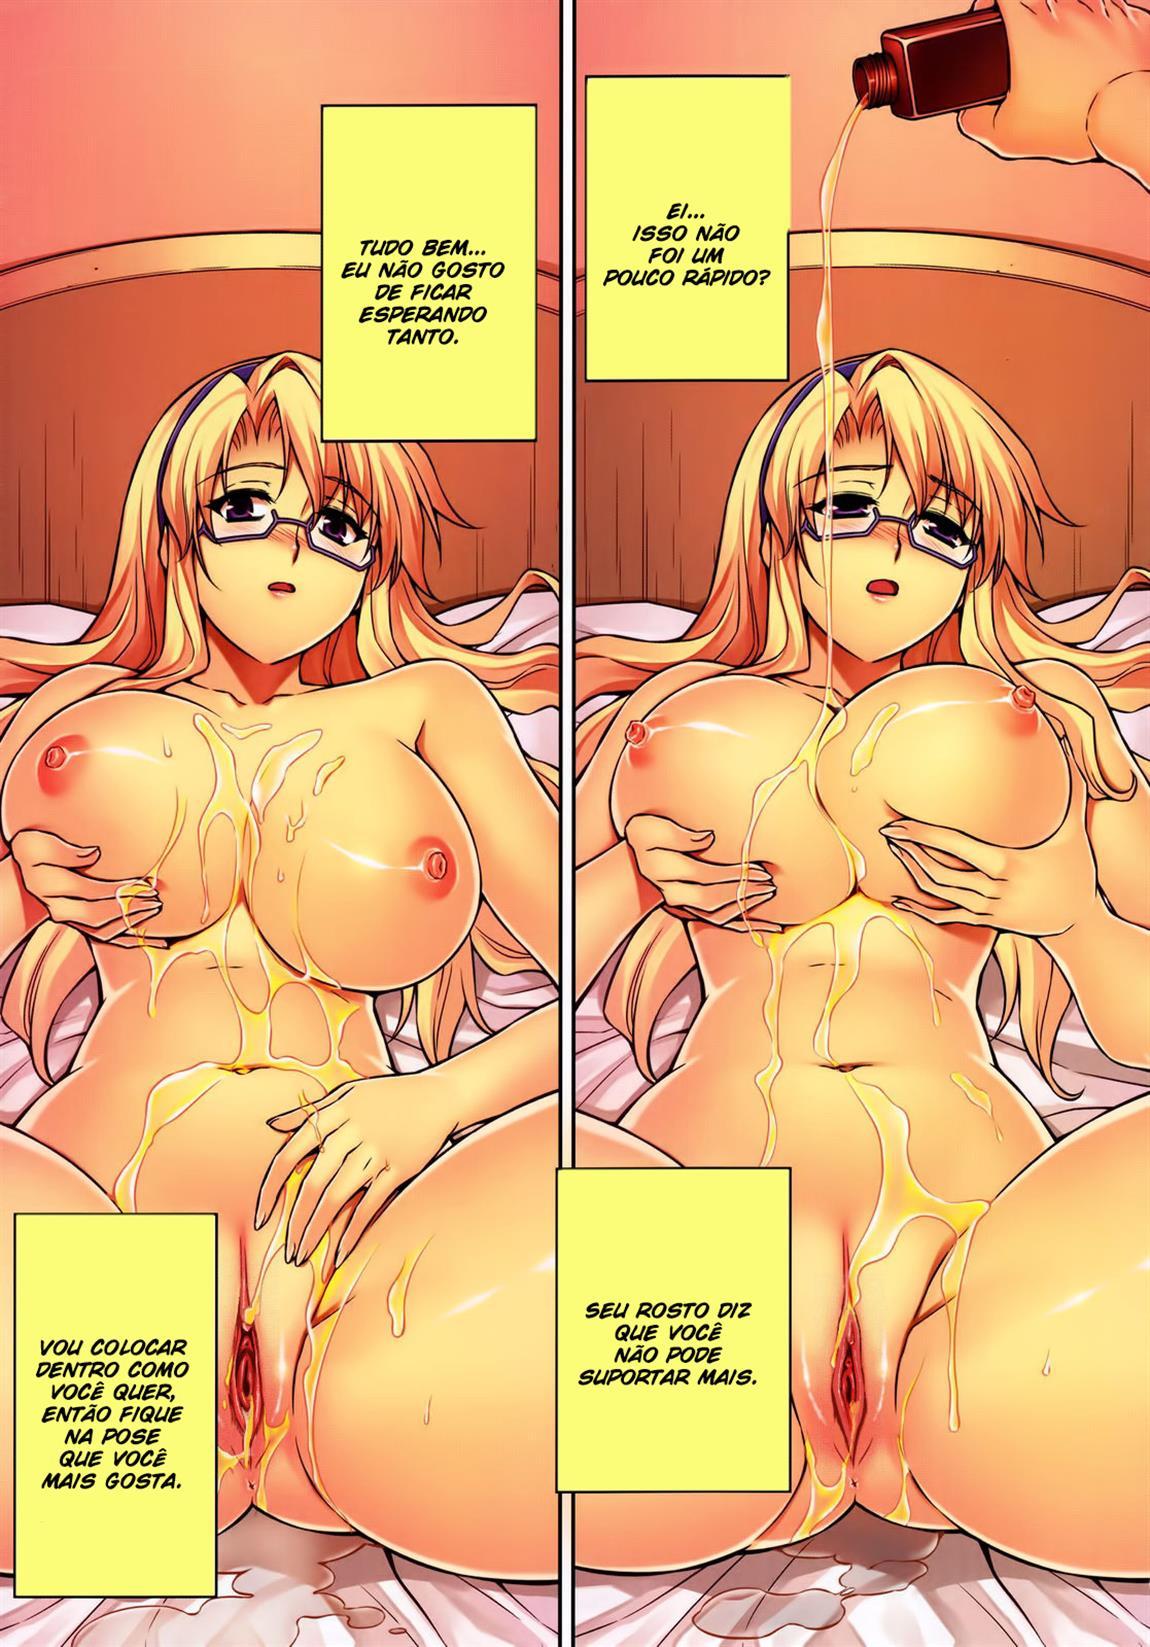 especialista em prazer sexual 15